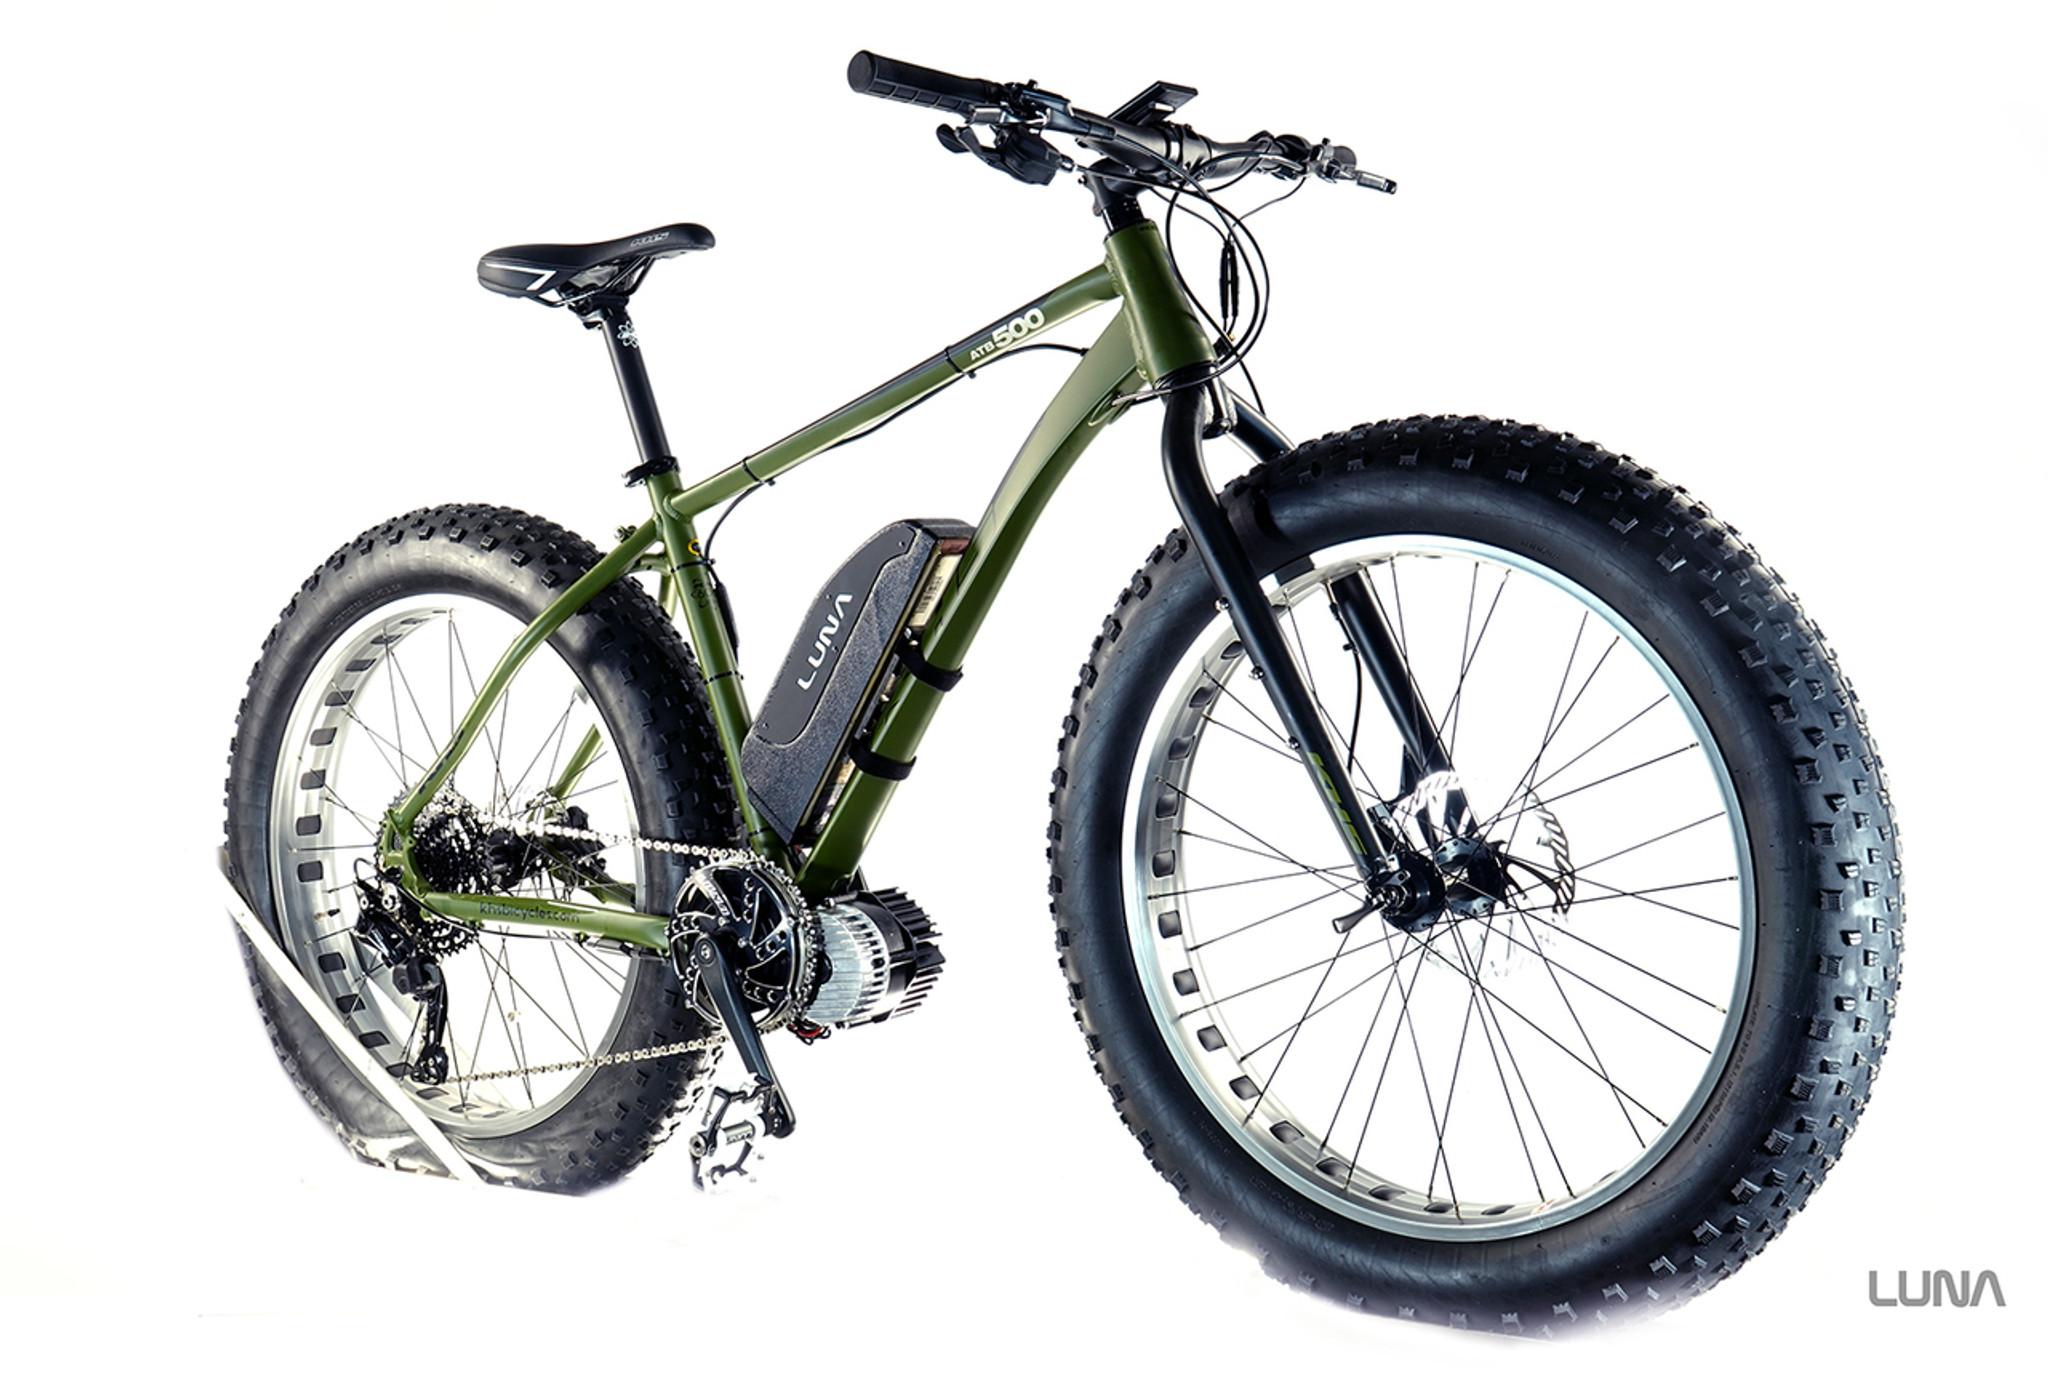 All Terrain Bike >> Luna All Terrain Ranger 500 Luna Cycle